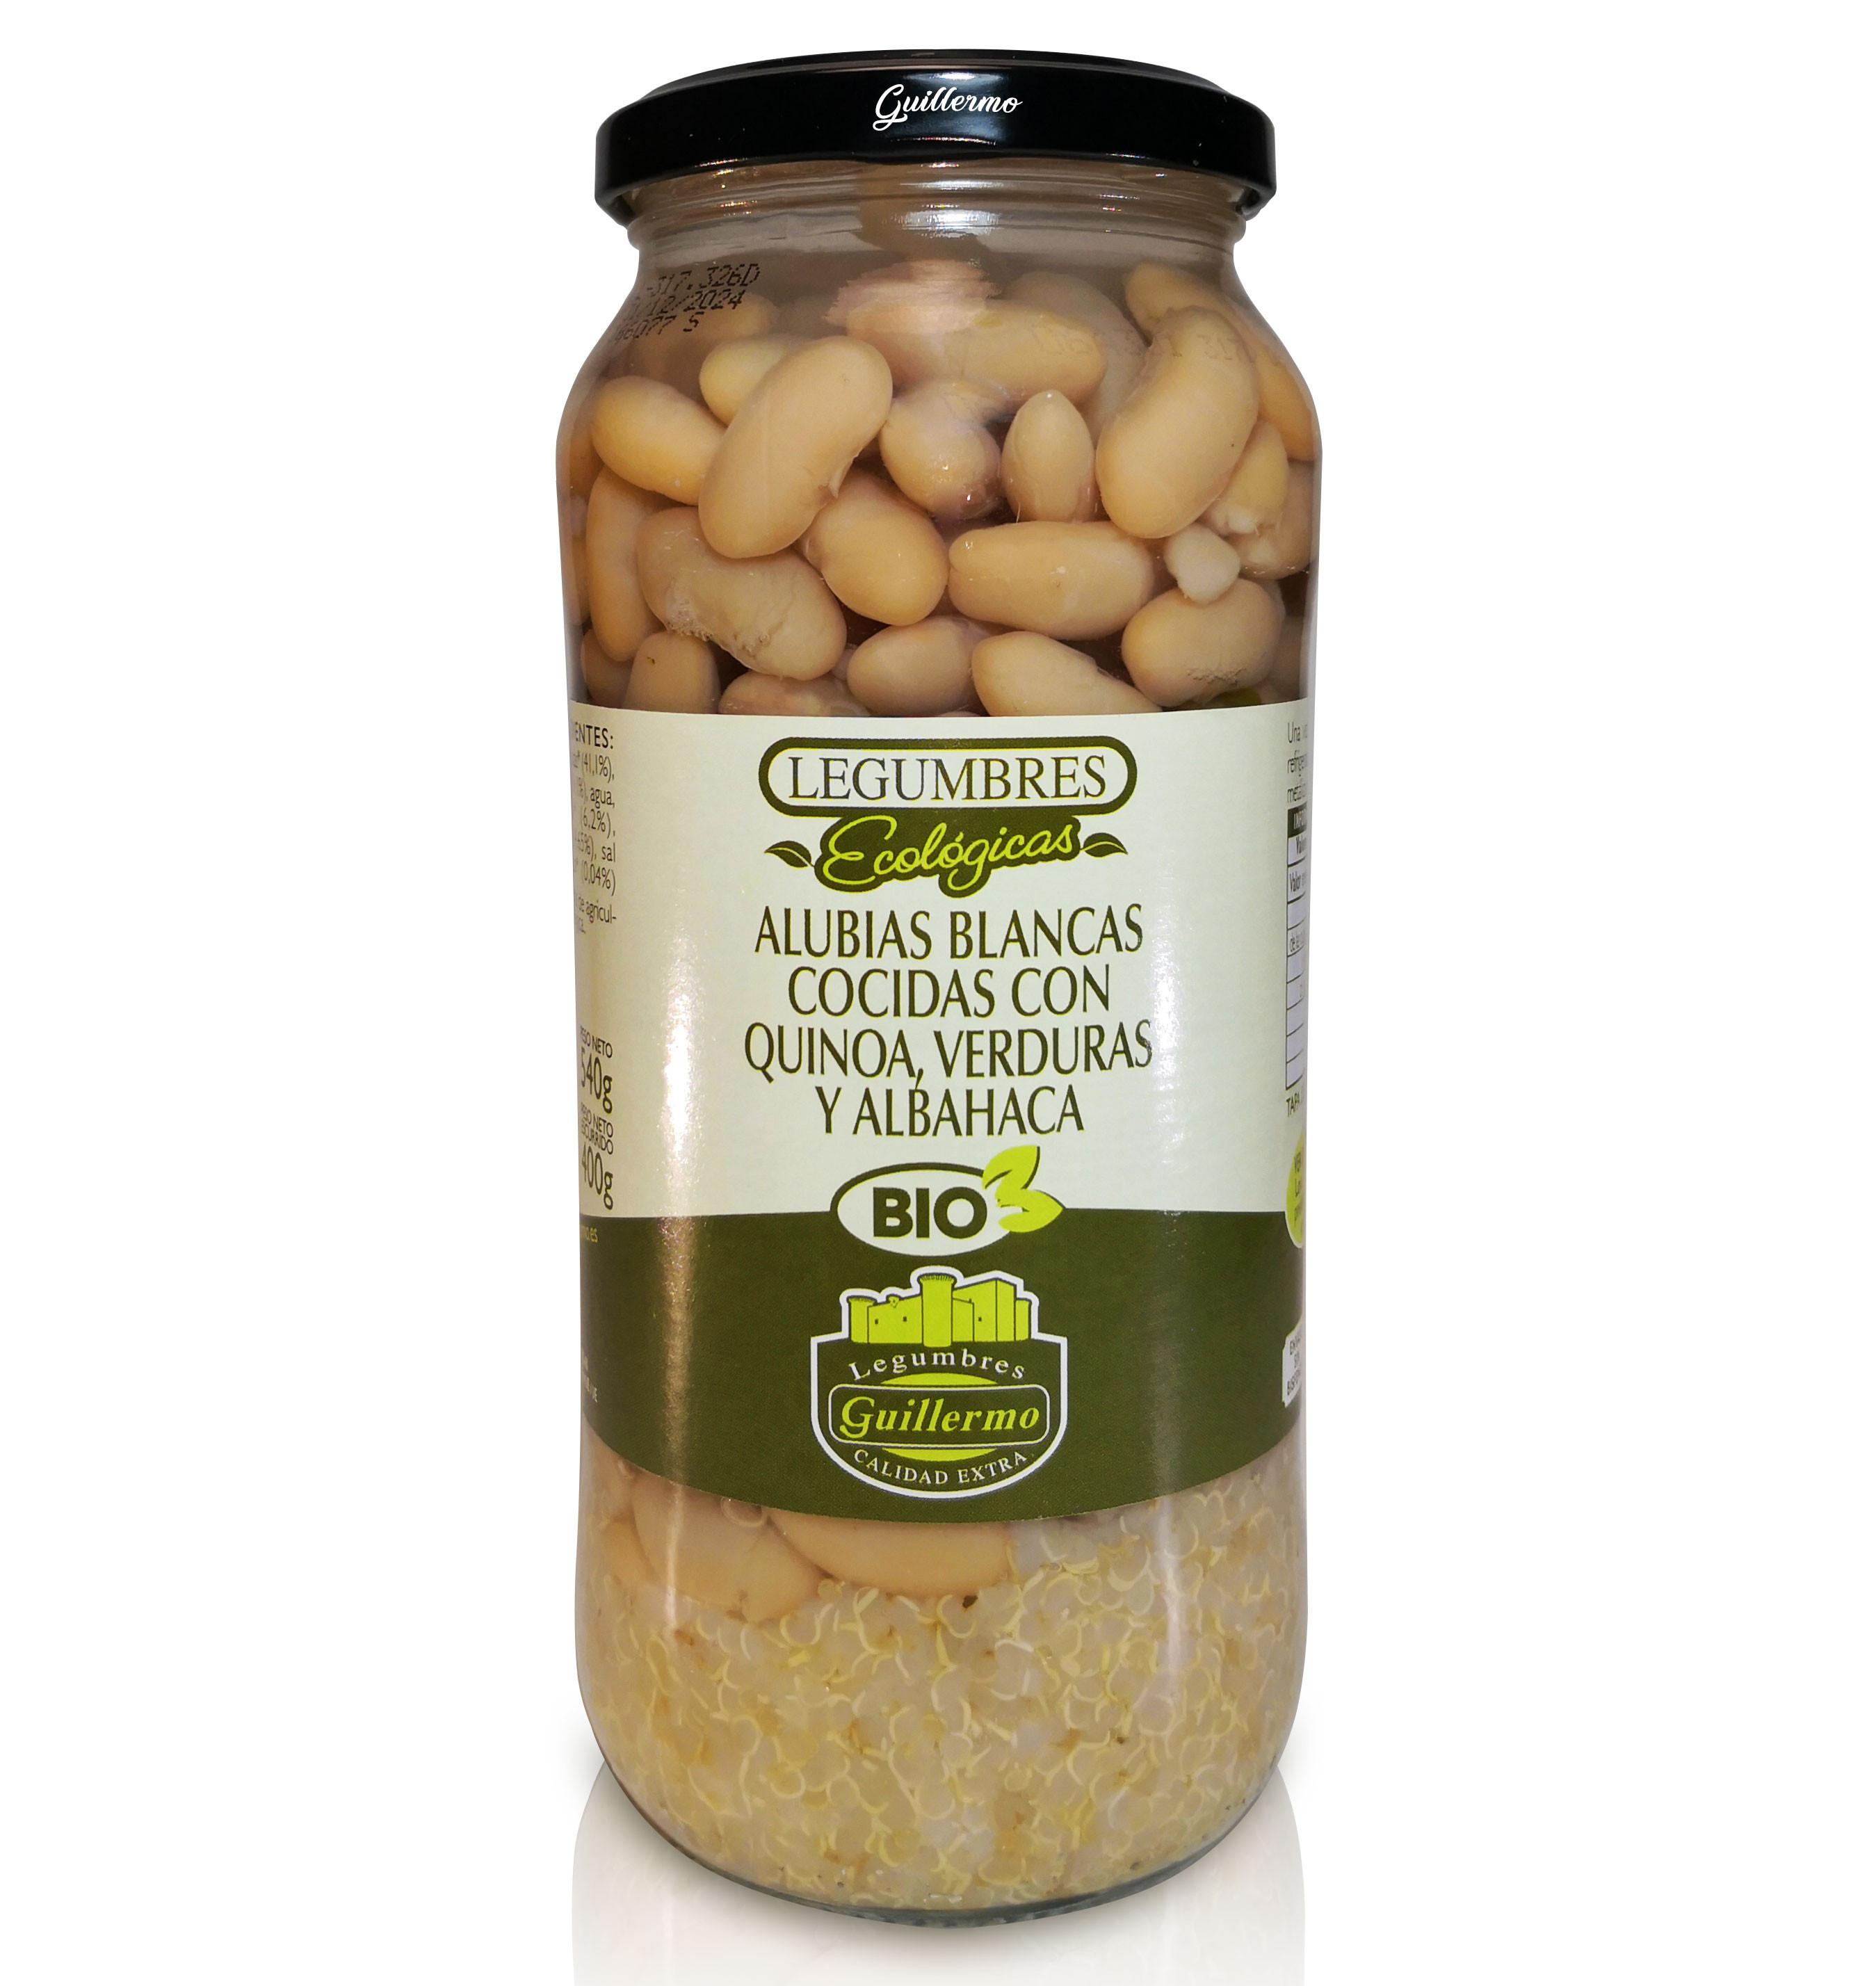 Guillermo Alubias Blancas Cocidas con Quinoa, Verduras y Albahaca Ecológicas BIO Judías Calidad Extra Conserva Tarro 540gr